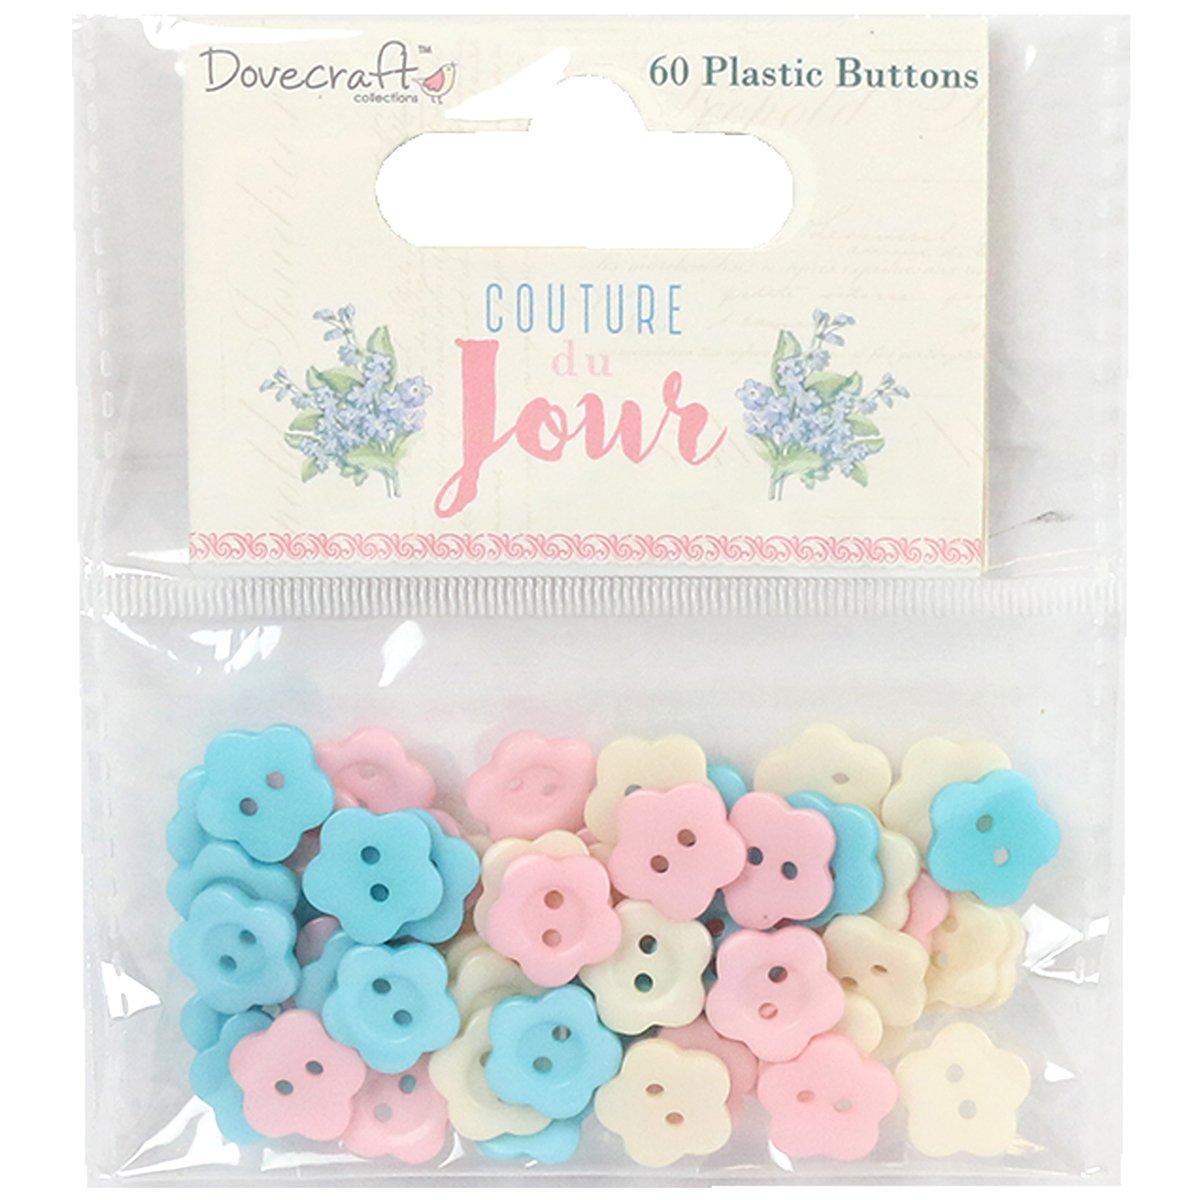 Trimcraft DCBTN015 Dovecraft Couture Du Jour Plastic Buttons - 60 per Pack B01LZAKTIW